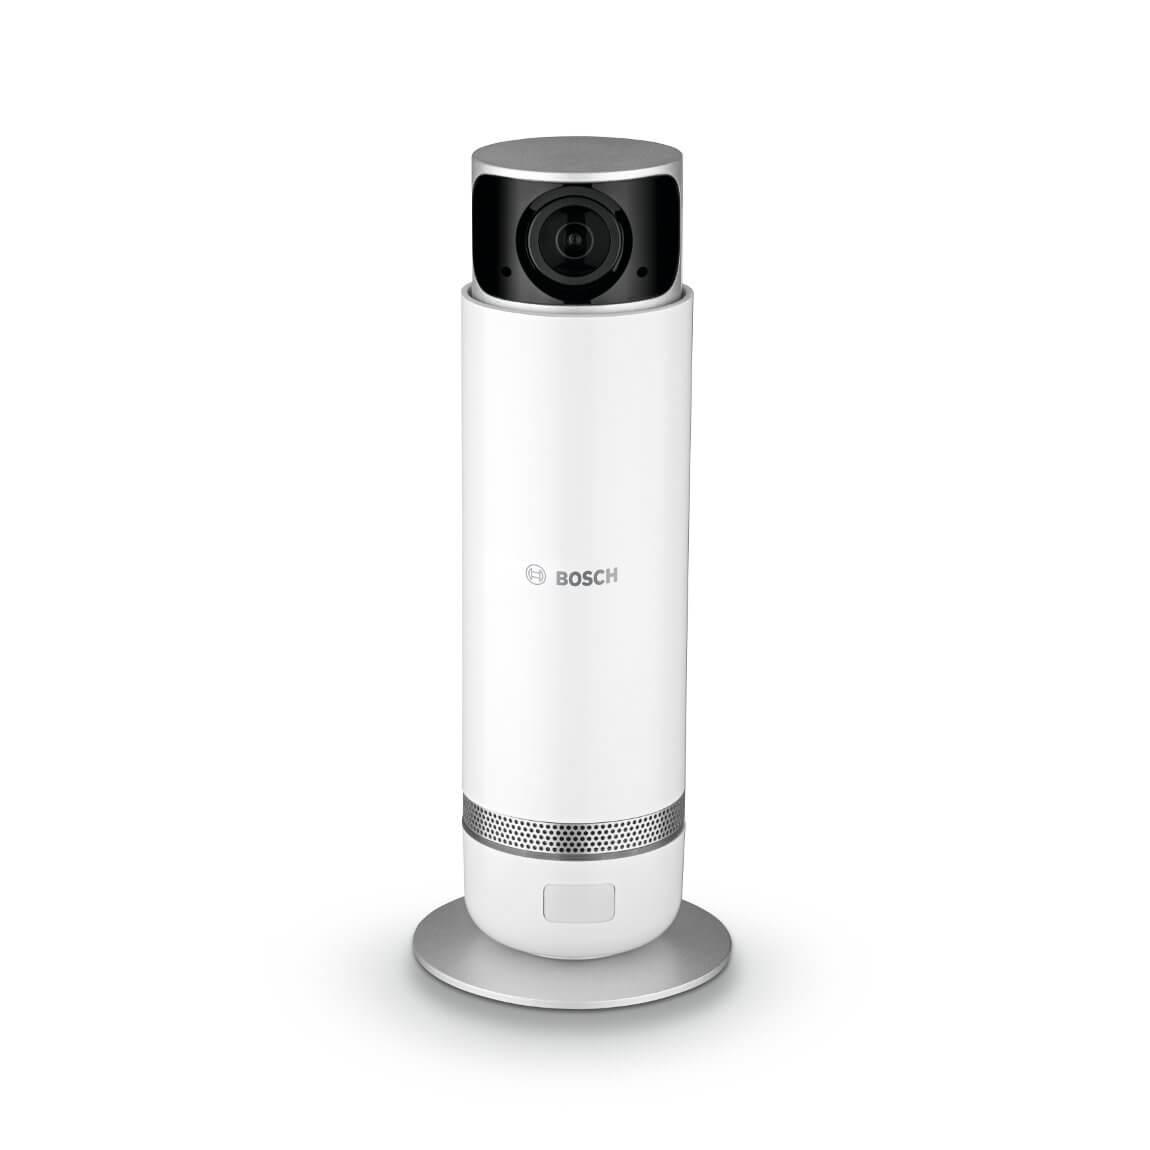 bosch smart home 360 innenkamera innenkameras video berwachung sicherheit. Black Bedroom Furniture Sets. Home Design Ideas